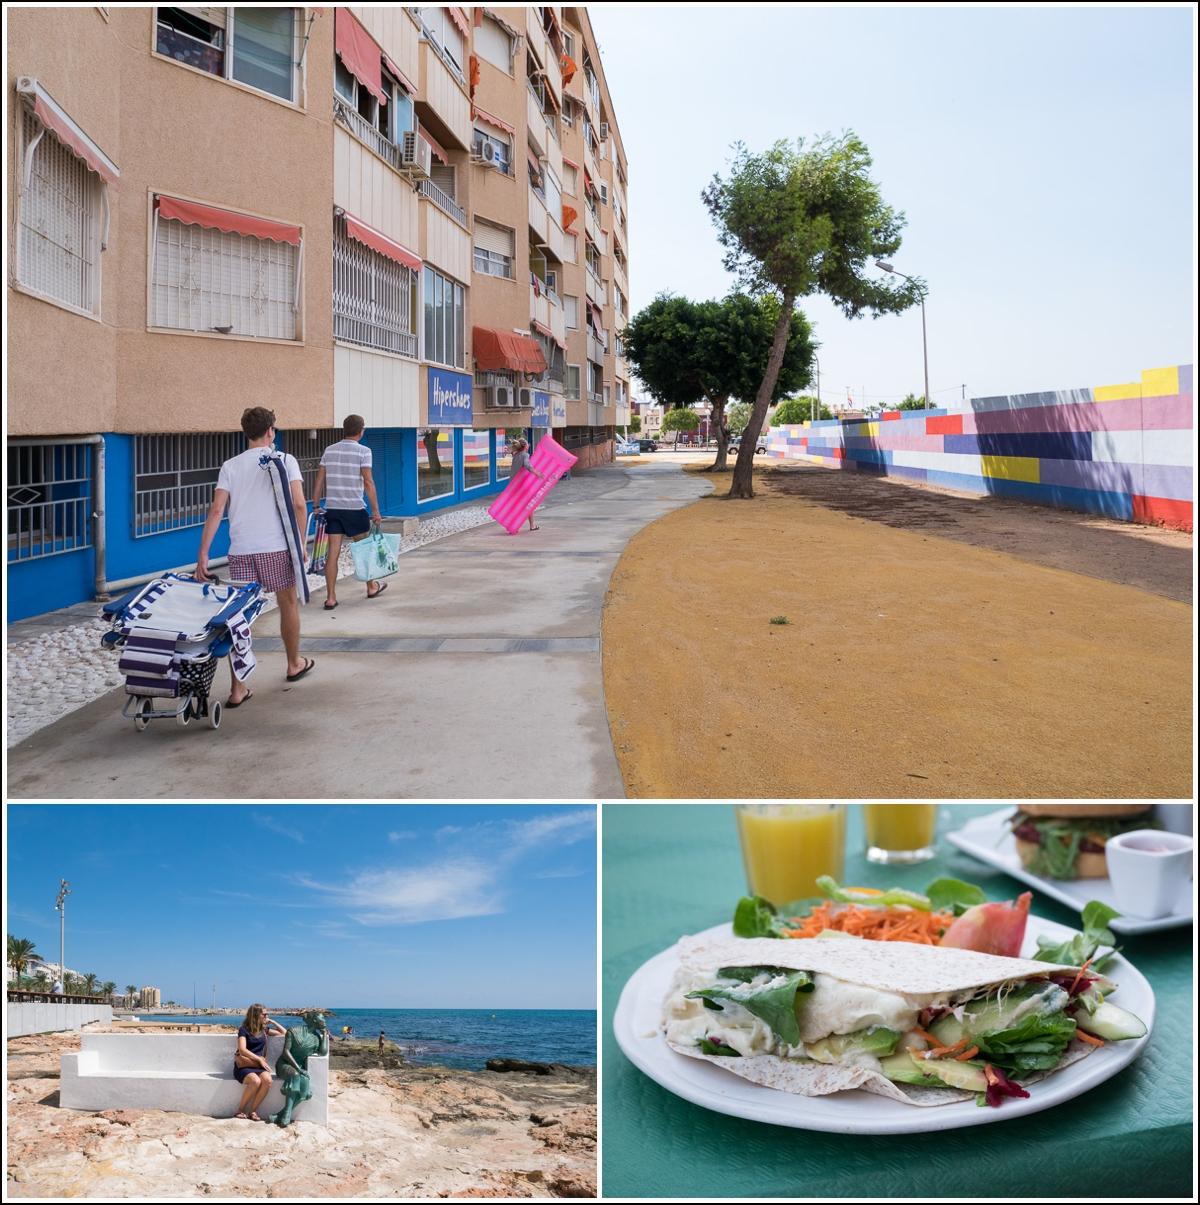 Spania-reise-tilbakeblikk